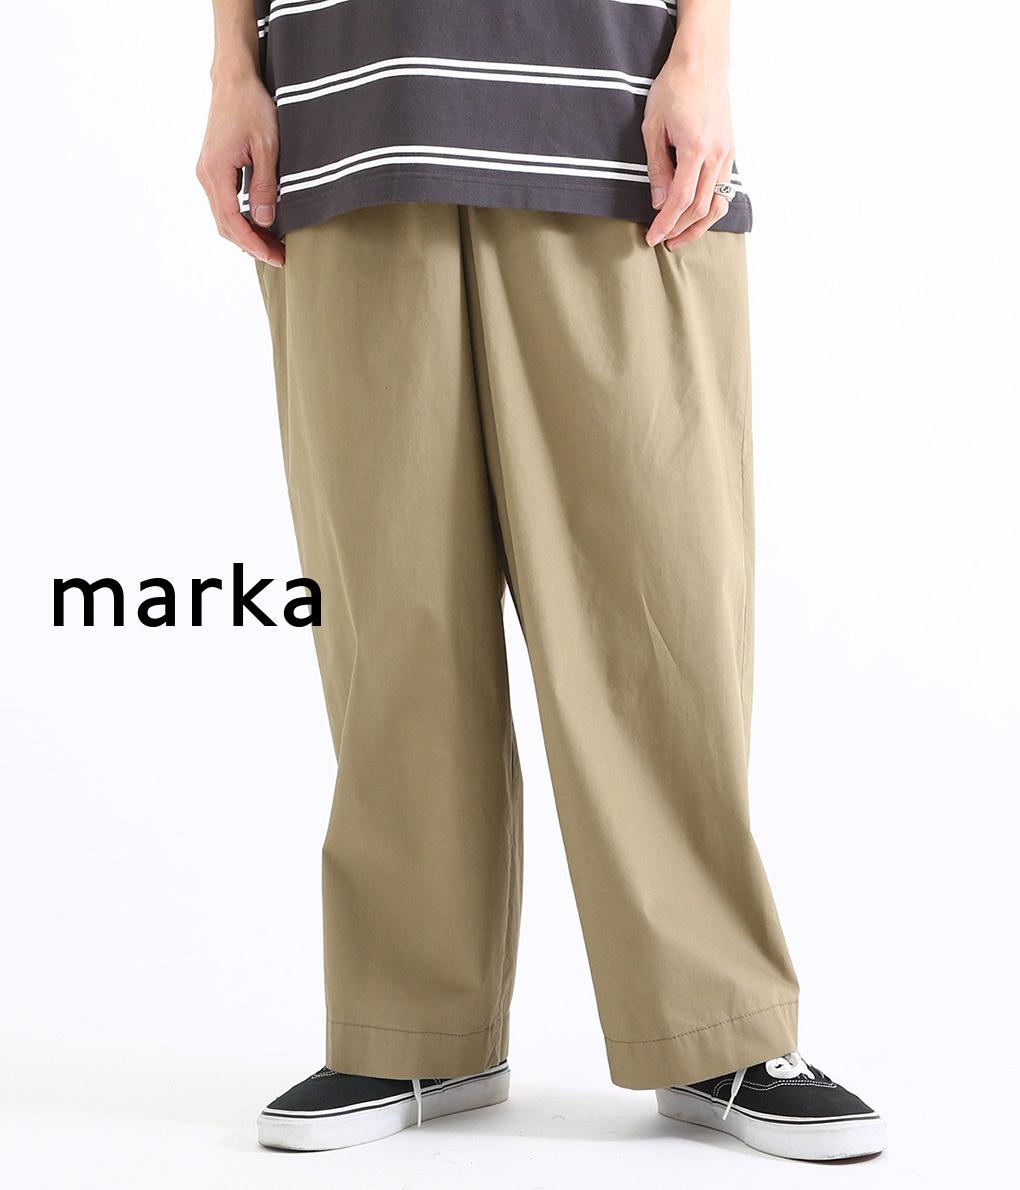 marka / マーカ : WELT POCKET EASY PANTS : マーカ ロングパンツ ウェルトポケットイージーパンツ イージーパンツ ポケットパンツ メンズ / 全2色 : M19A-15PT01C 【COR】【WIS】